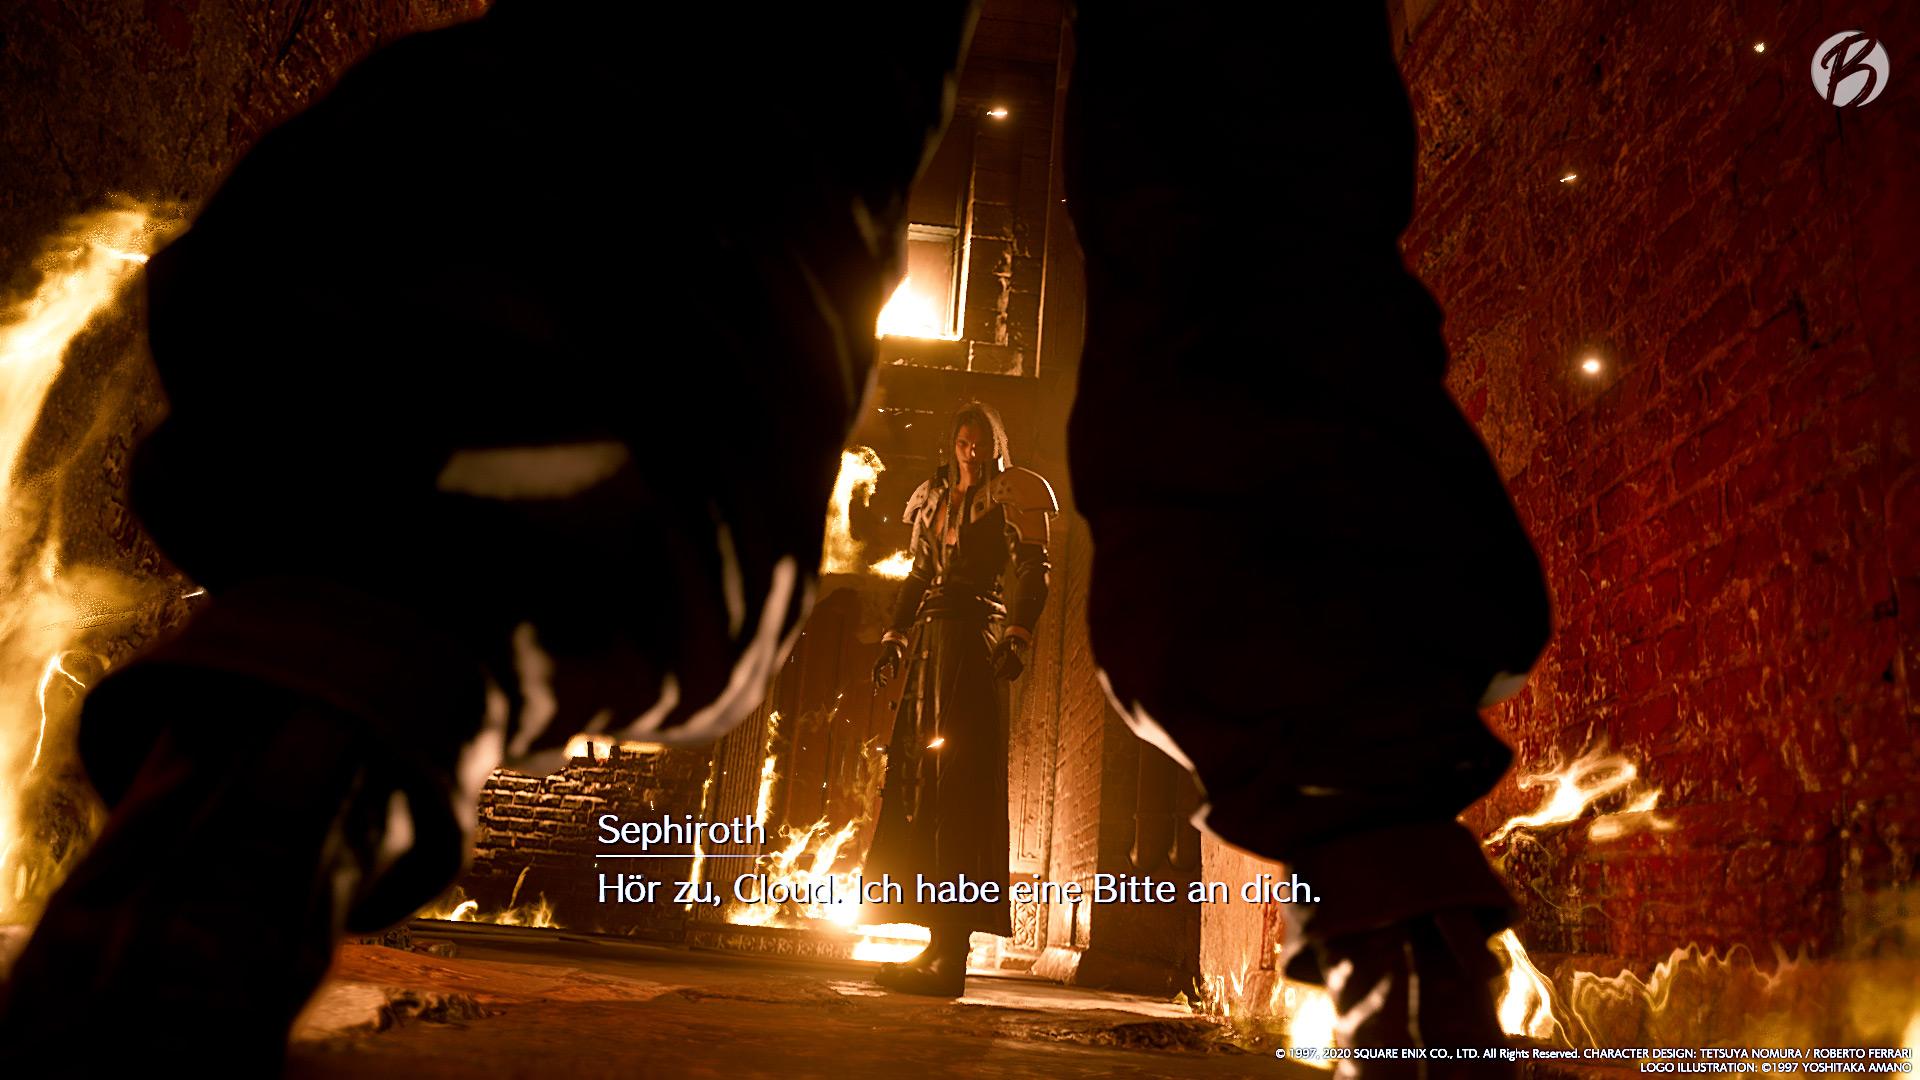 FINAL FANTASY VII (Remake) - Cloud trifft in Gedanken immer wieder auf seinen Gegenspieler Sephiroth.